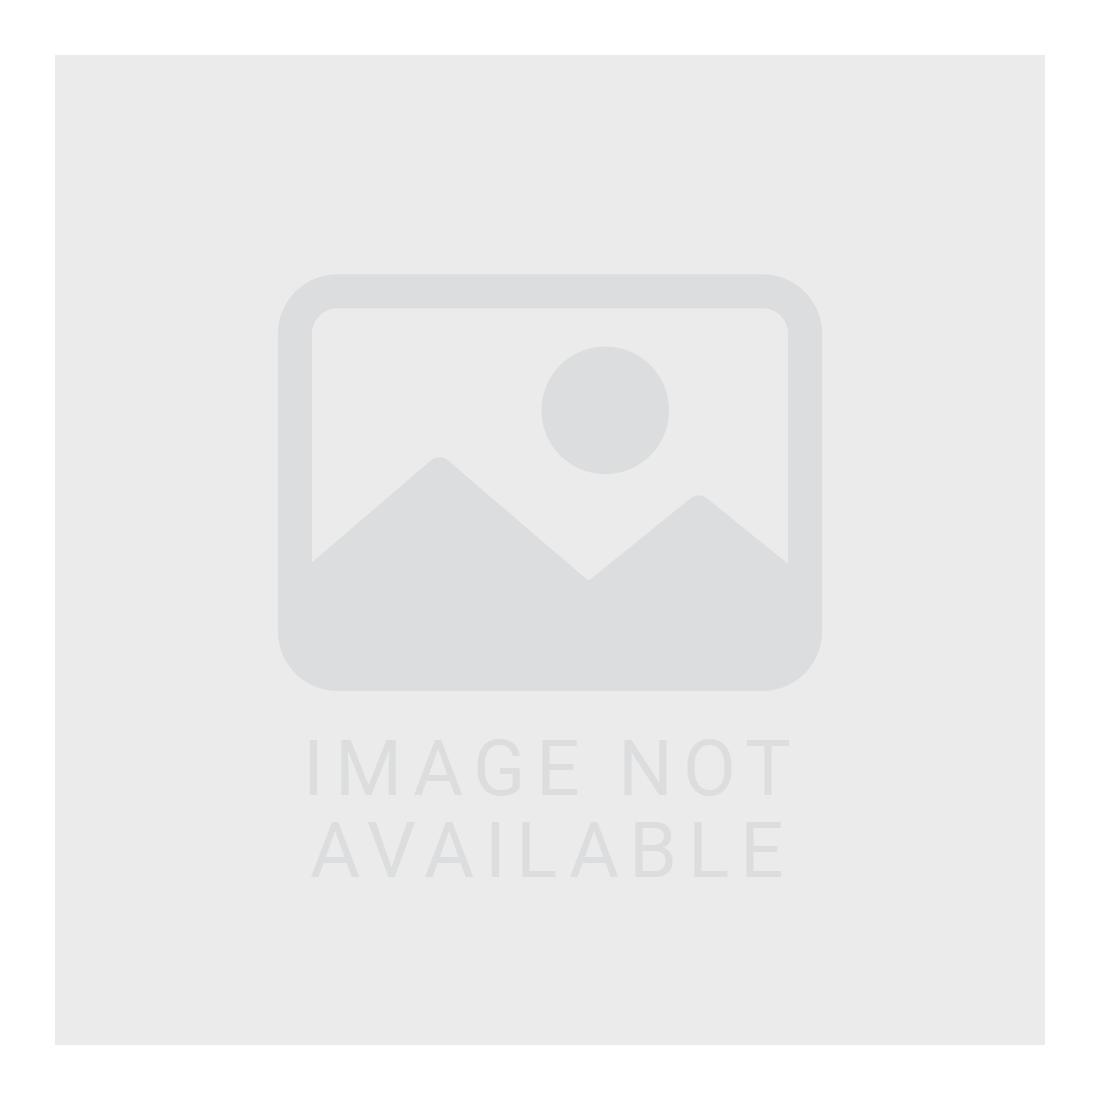 Hellcat 14 oz. Ombre Mug